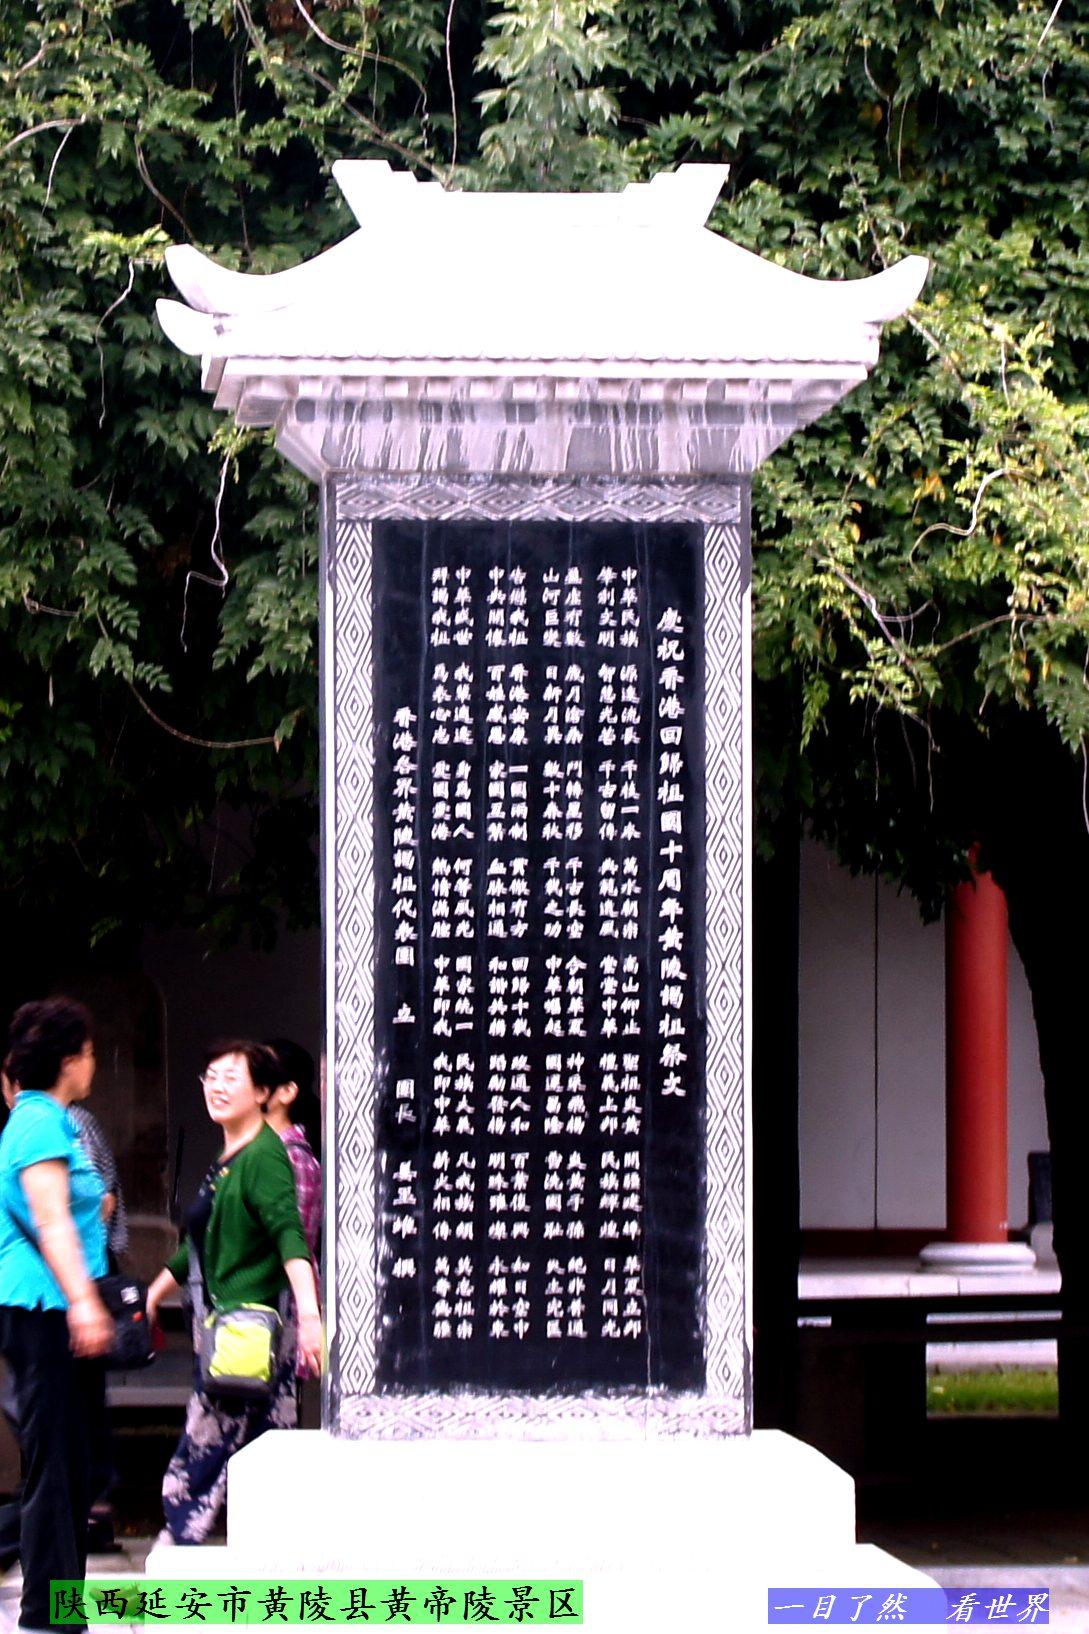 黄帝陵景区-港澳回归纪念碑-39-1600.jpg